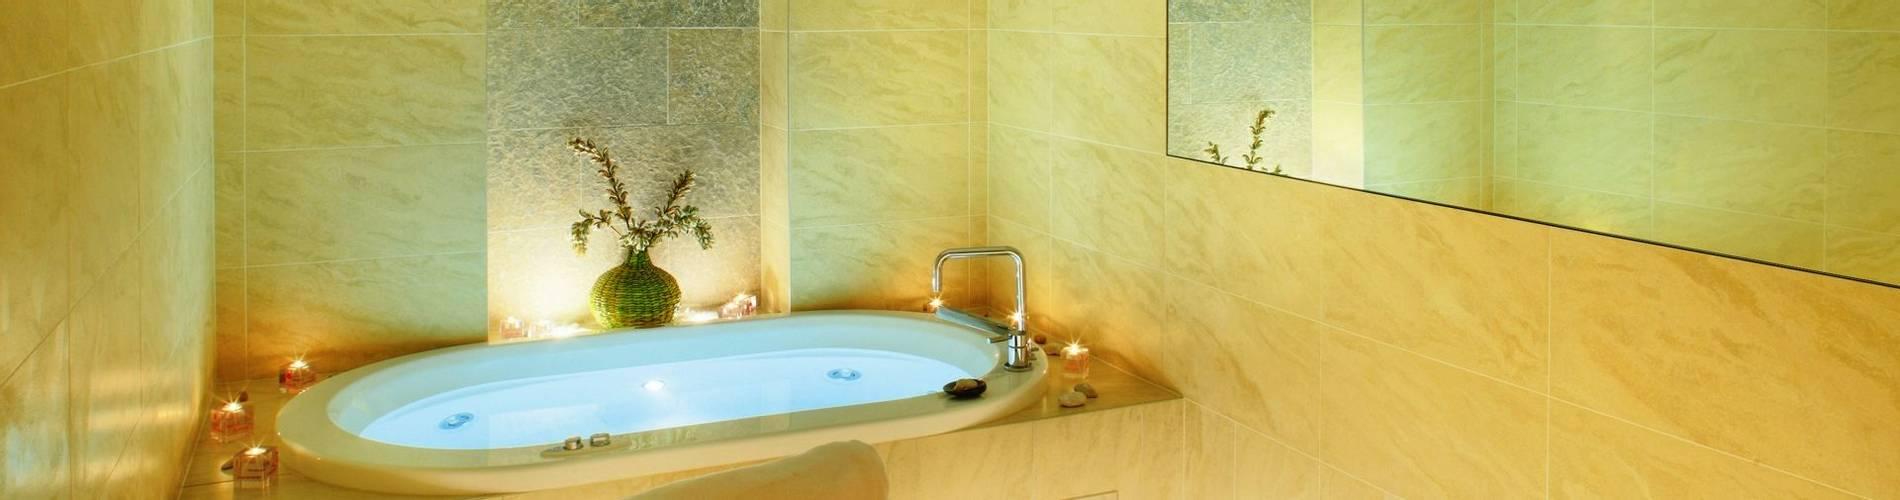 Adriana Hvar  Spa Hotel 24.jpg